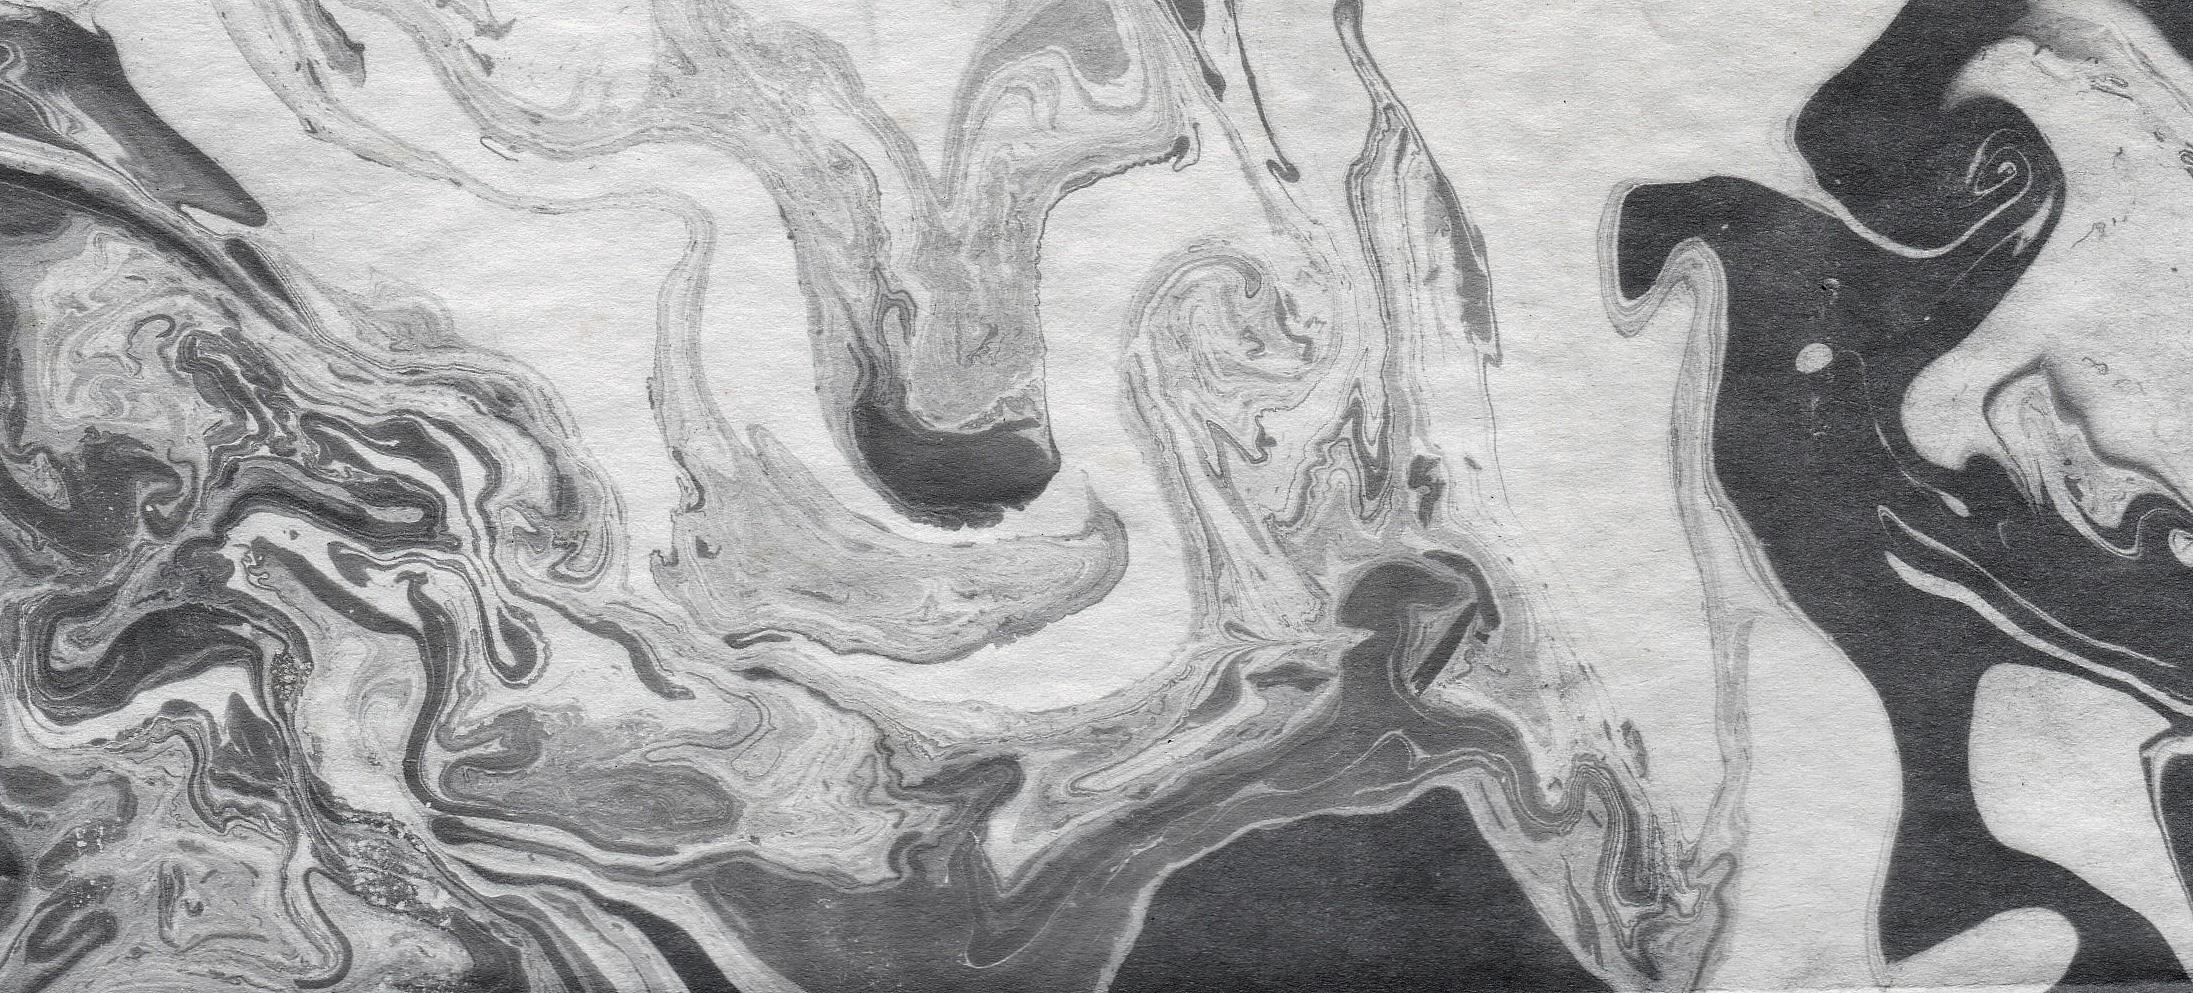 Suminagashi, Il disegno sull'acqua